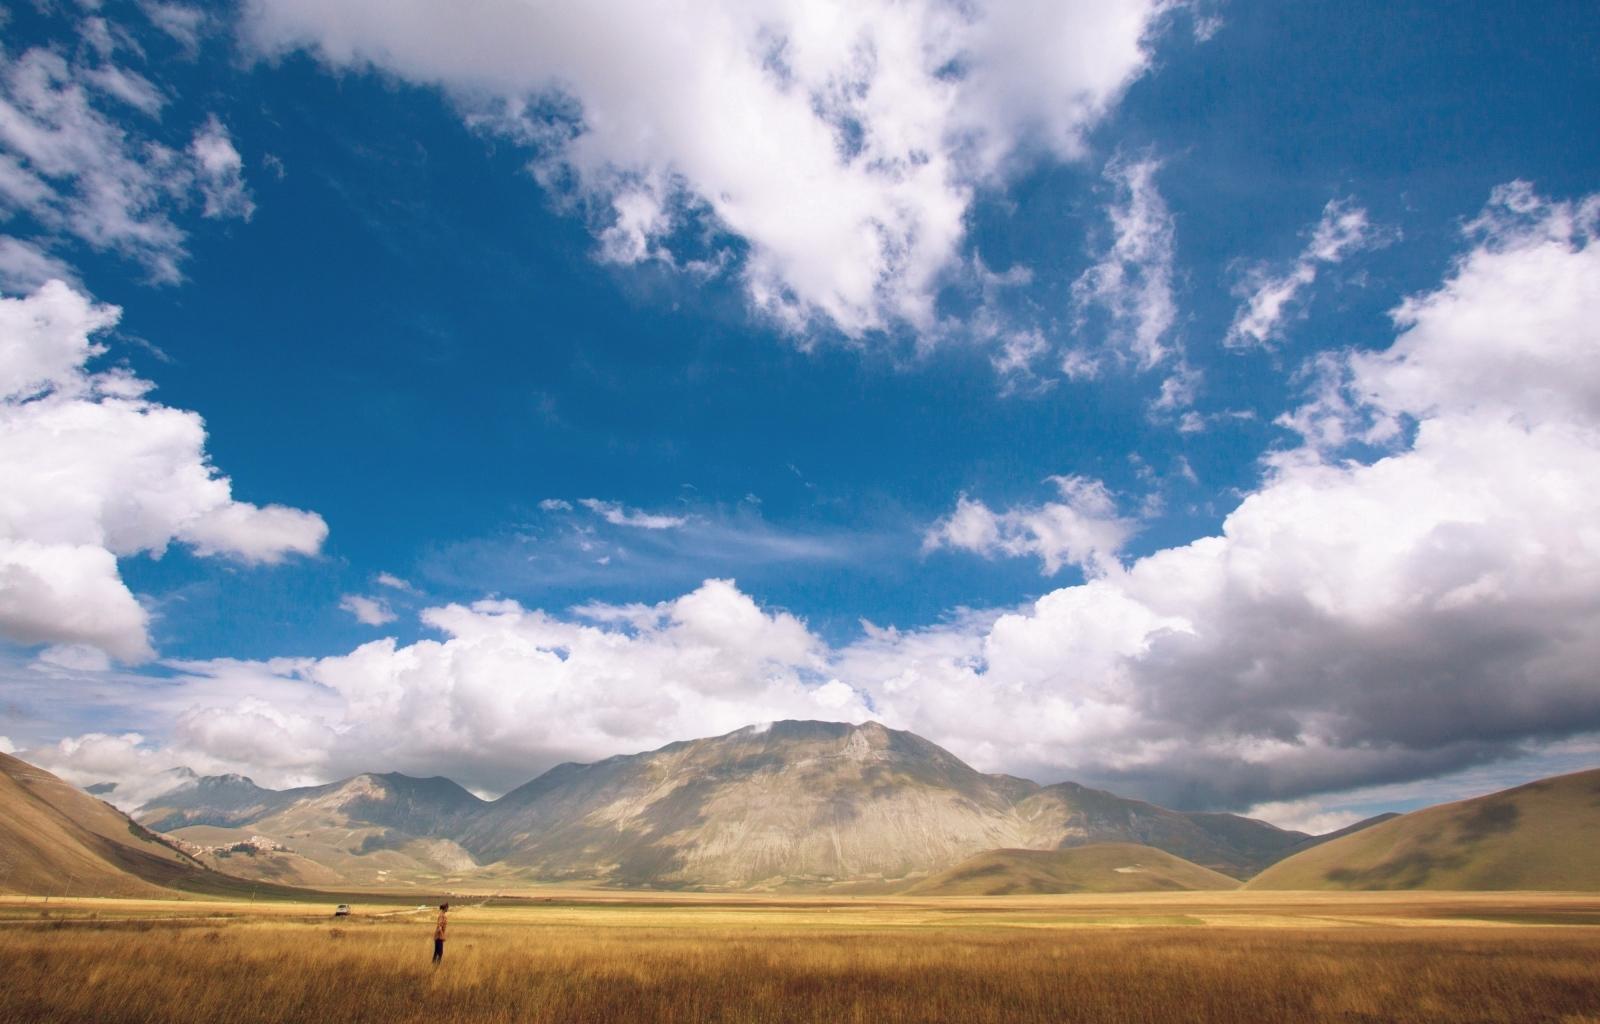 29051 скачать обои Пейзаж, Горы, Облака - заставки и картинки бесплатно